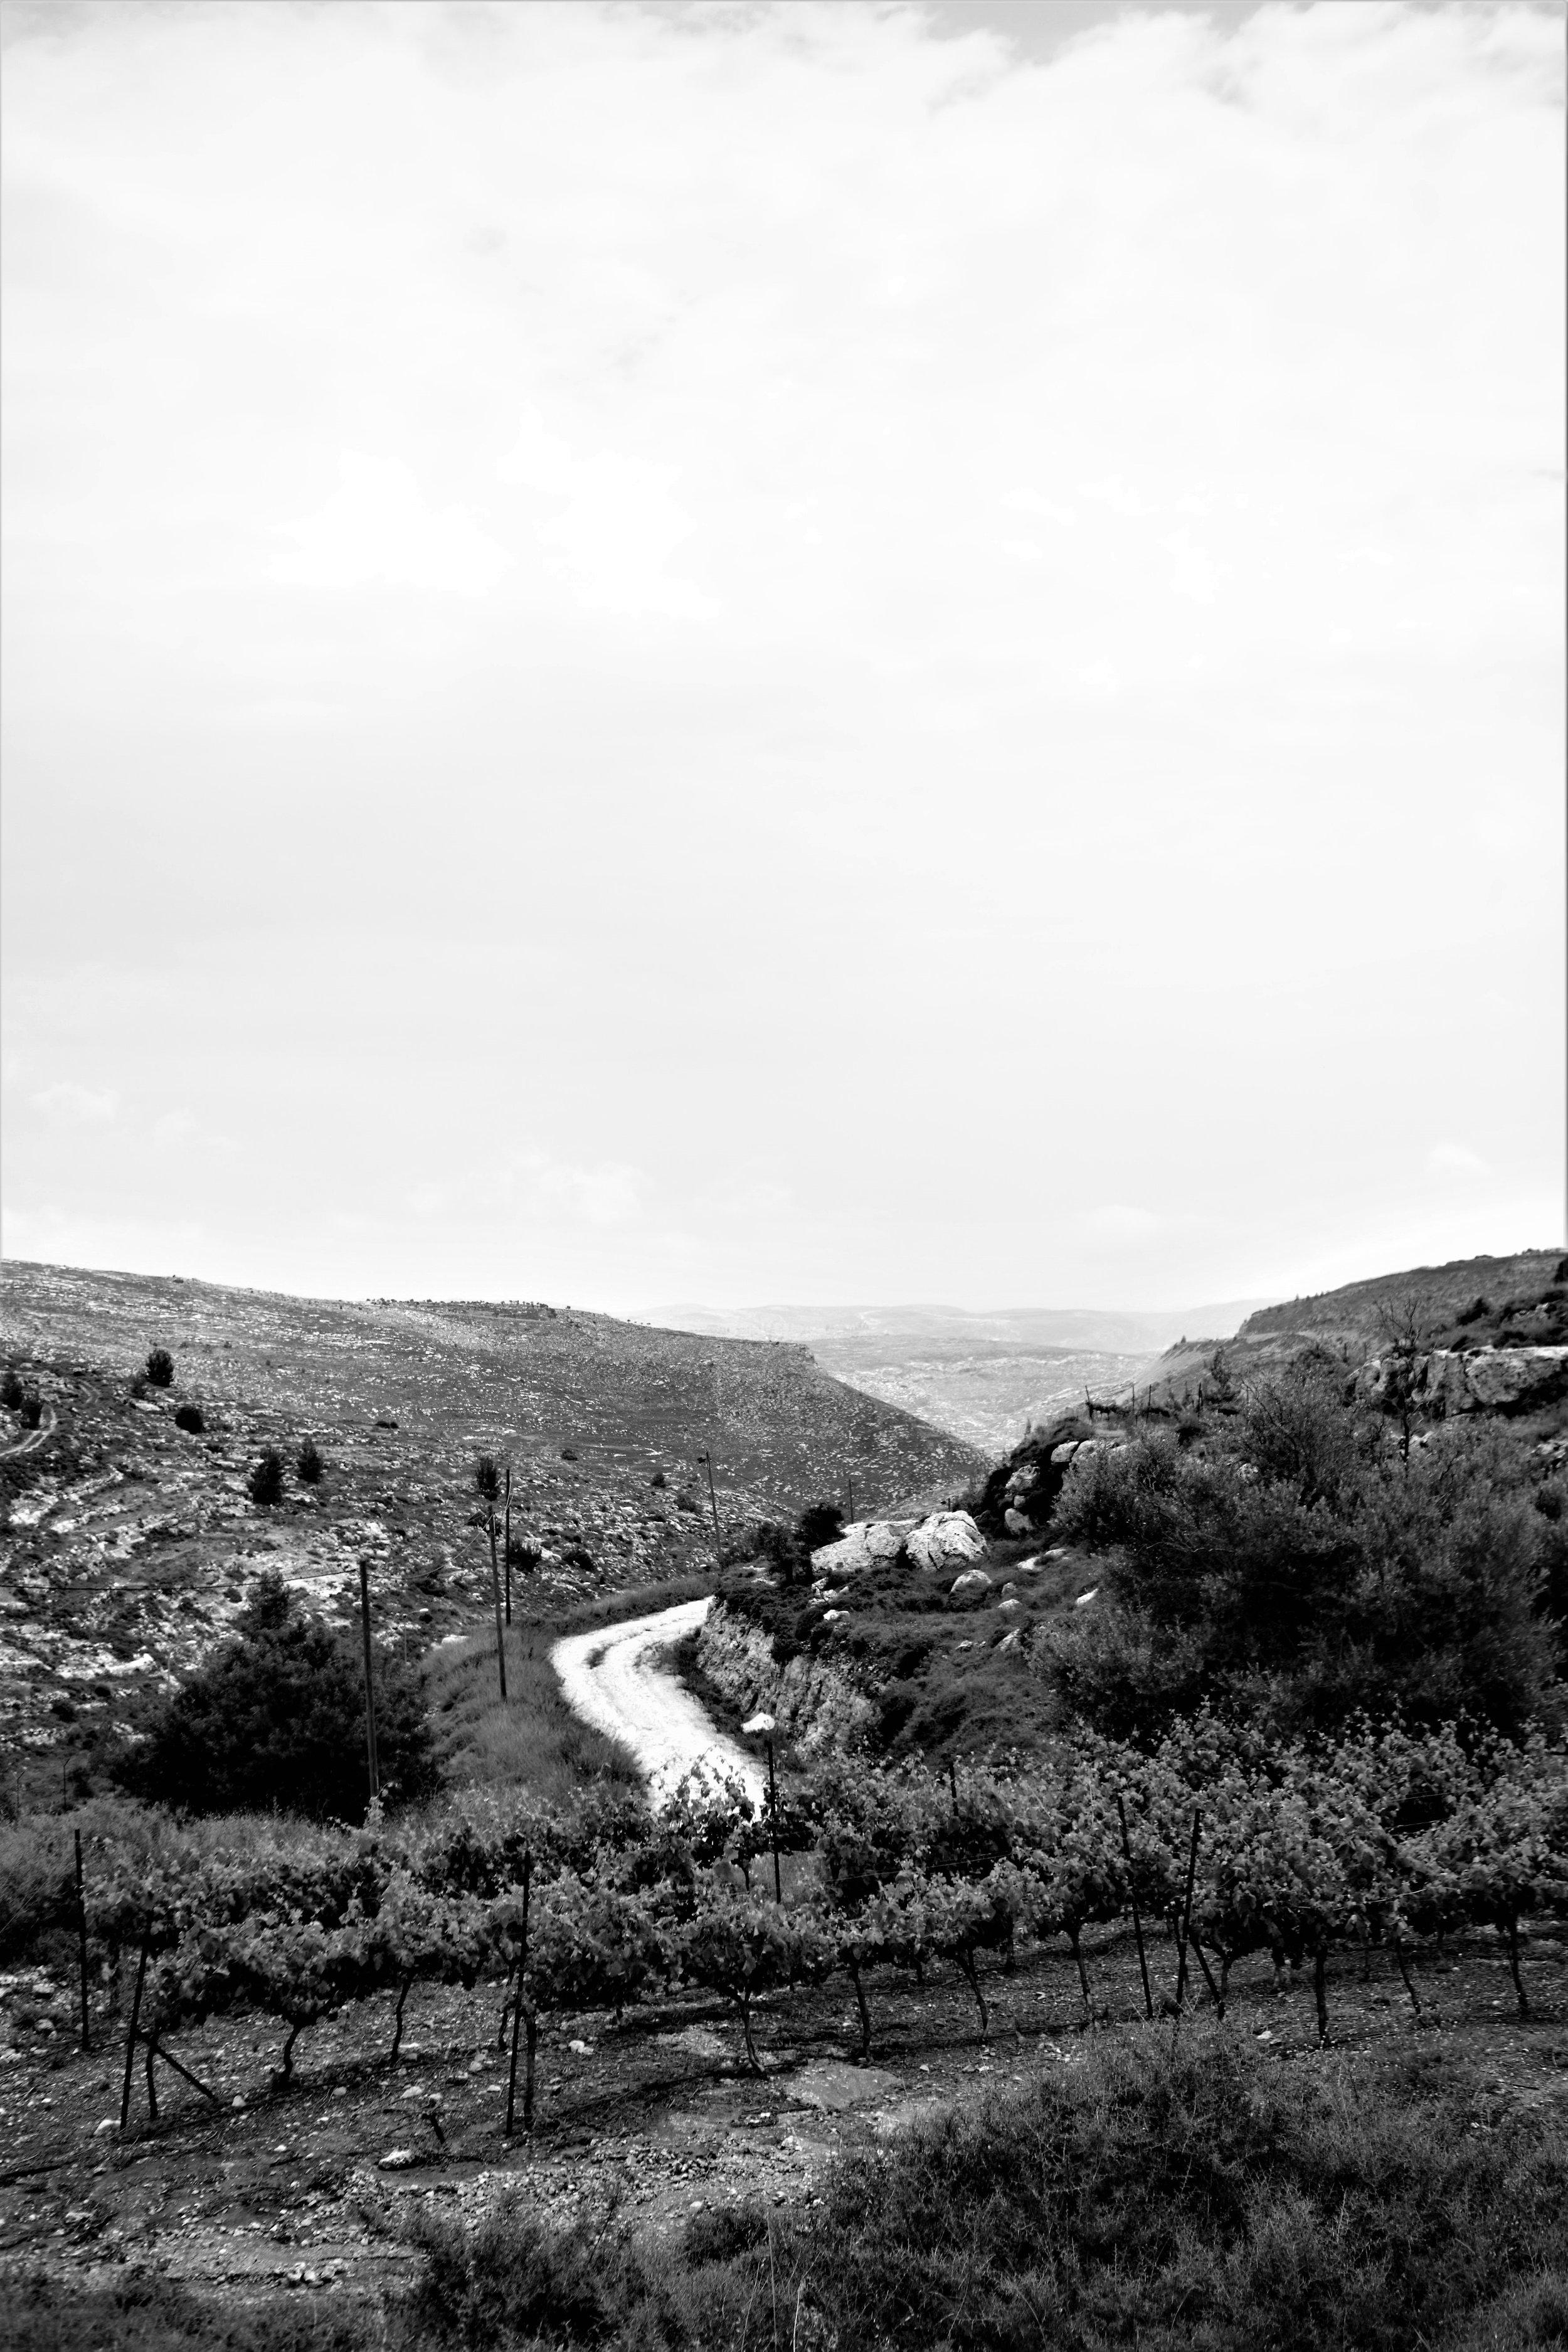 Reben der Psagot Winery am Rande der gleichnamigen Siedlung im Westjordanland. Die Landschaft ist hier noch biblisch –wüstenhaft, karg und unbebaut.